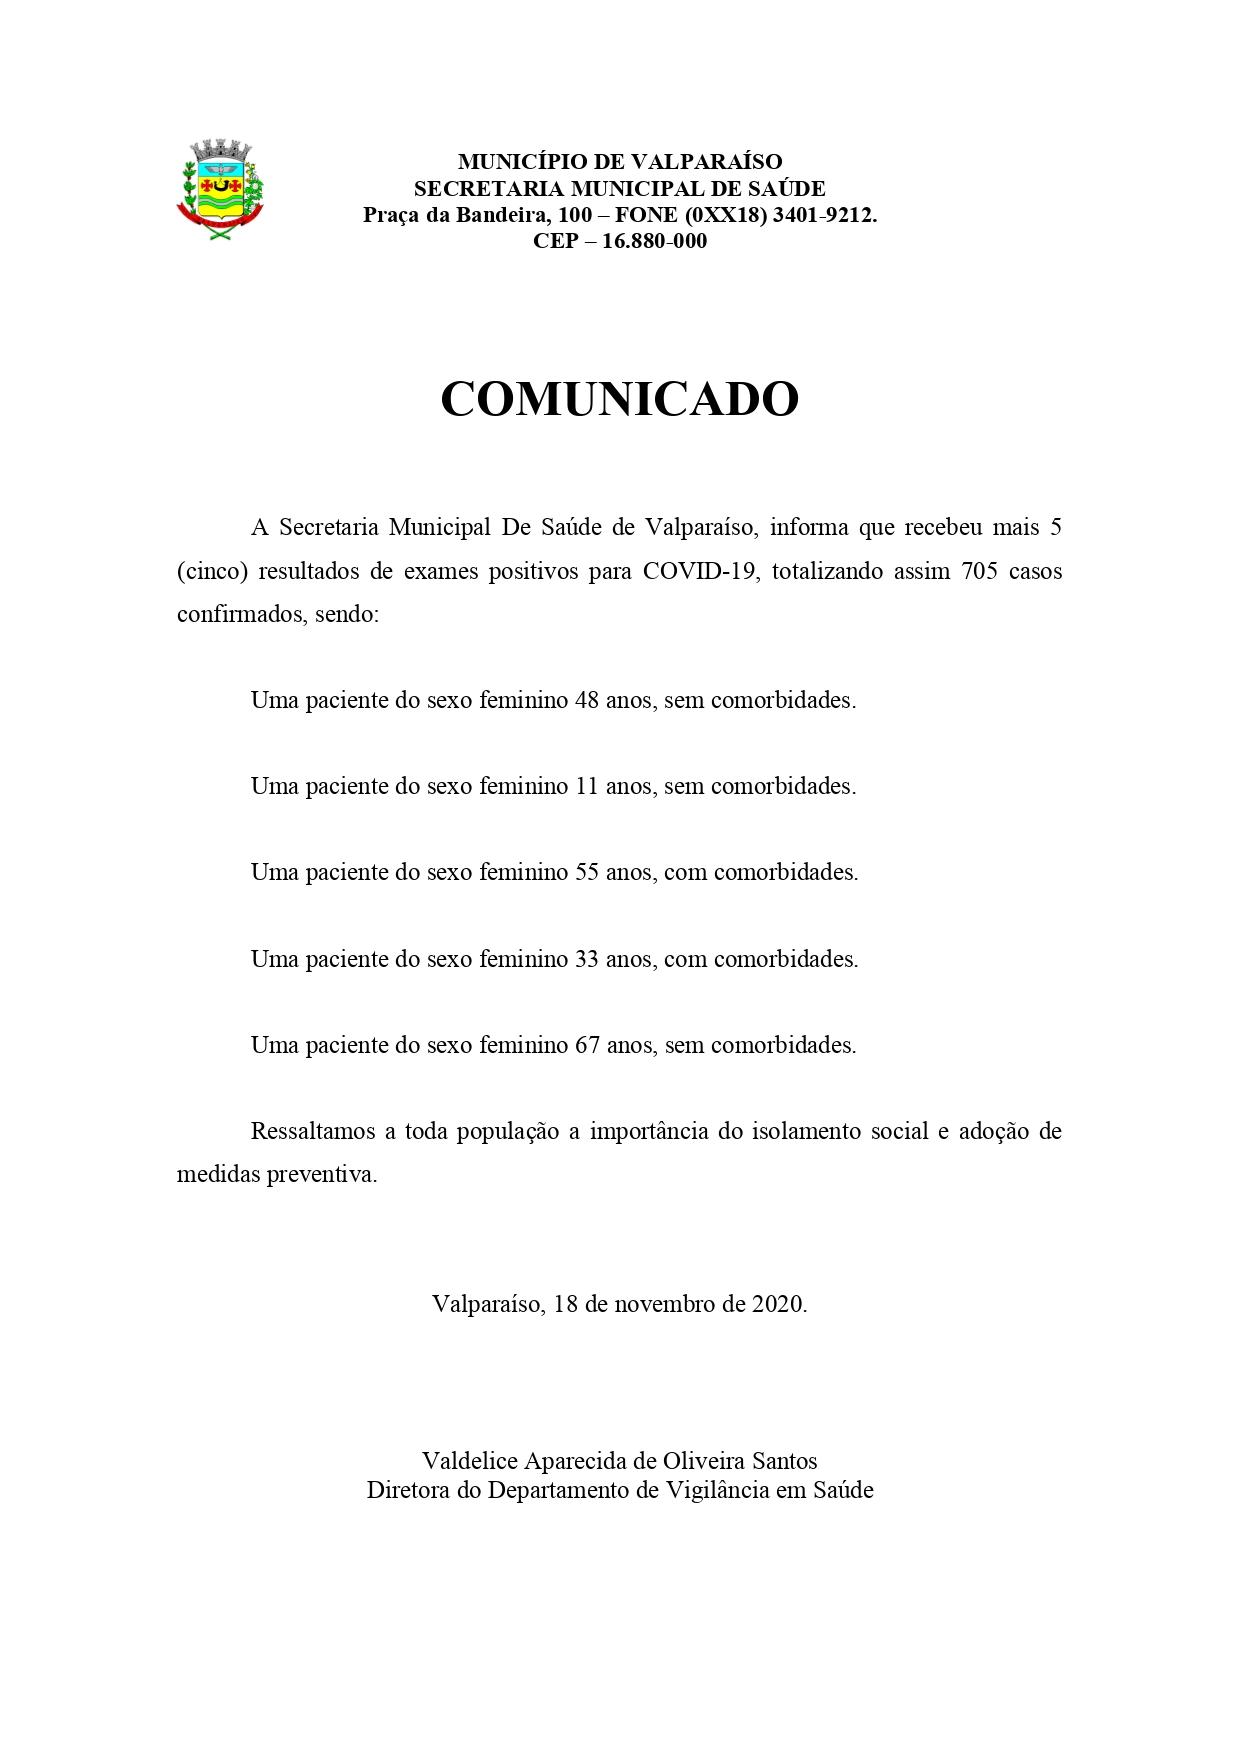 covid705